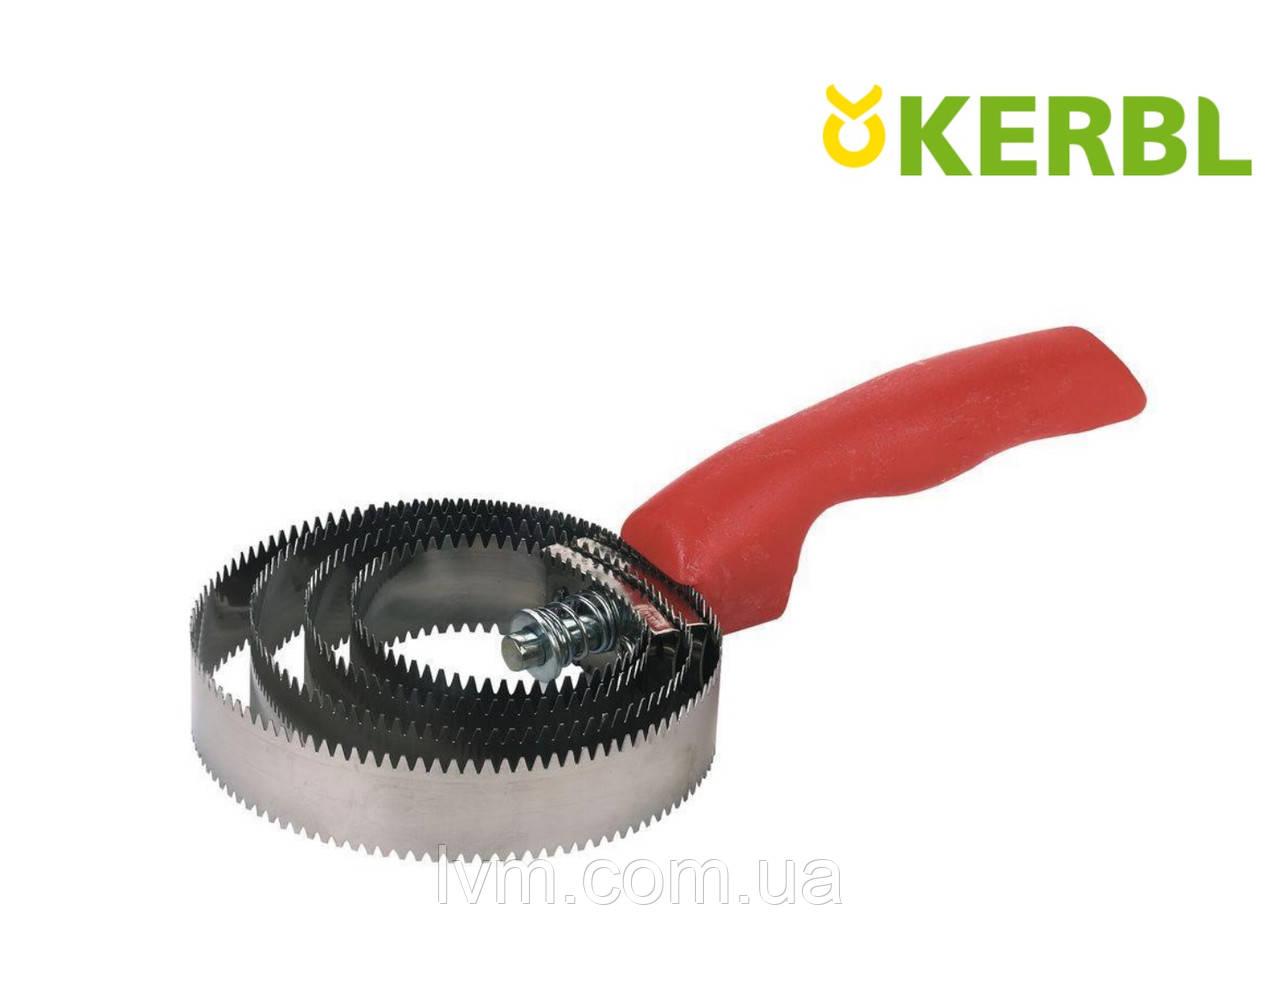 Скребница металическая СПИРАЛЬНАЯ крупнозубчатая KERBL (Германия)